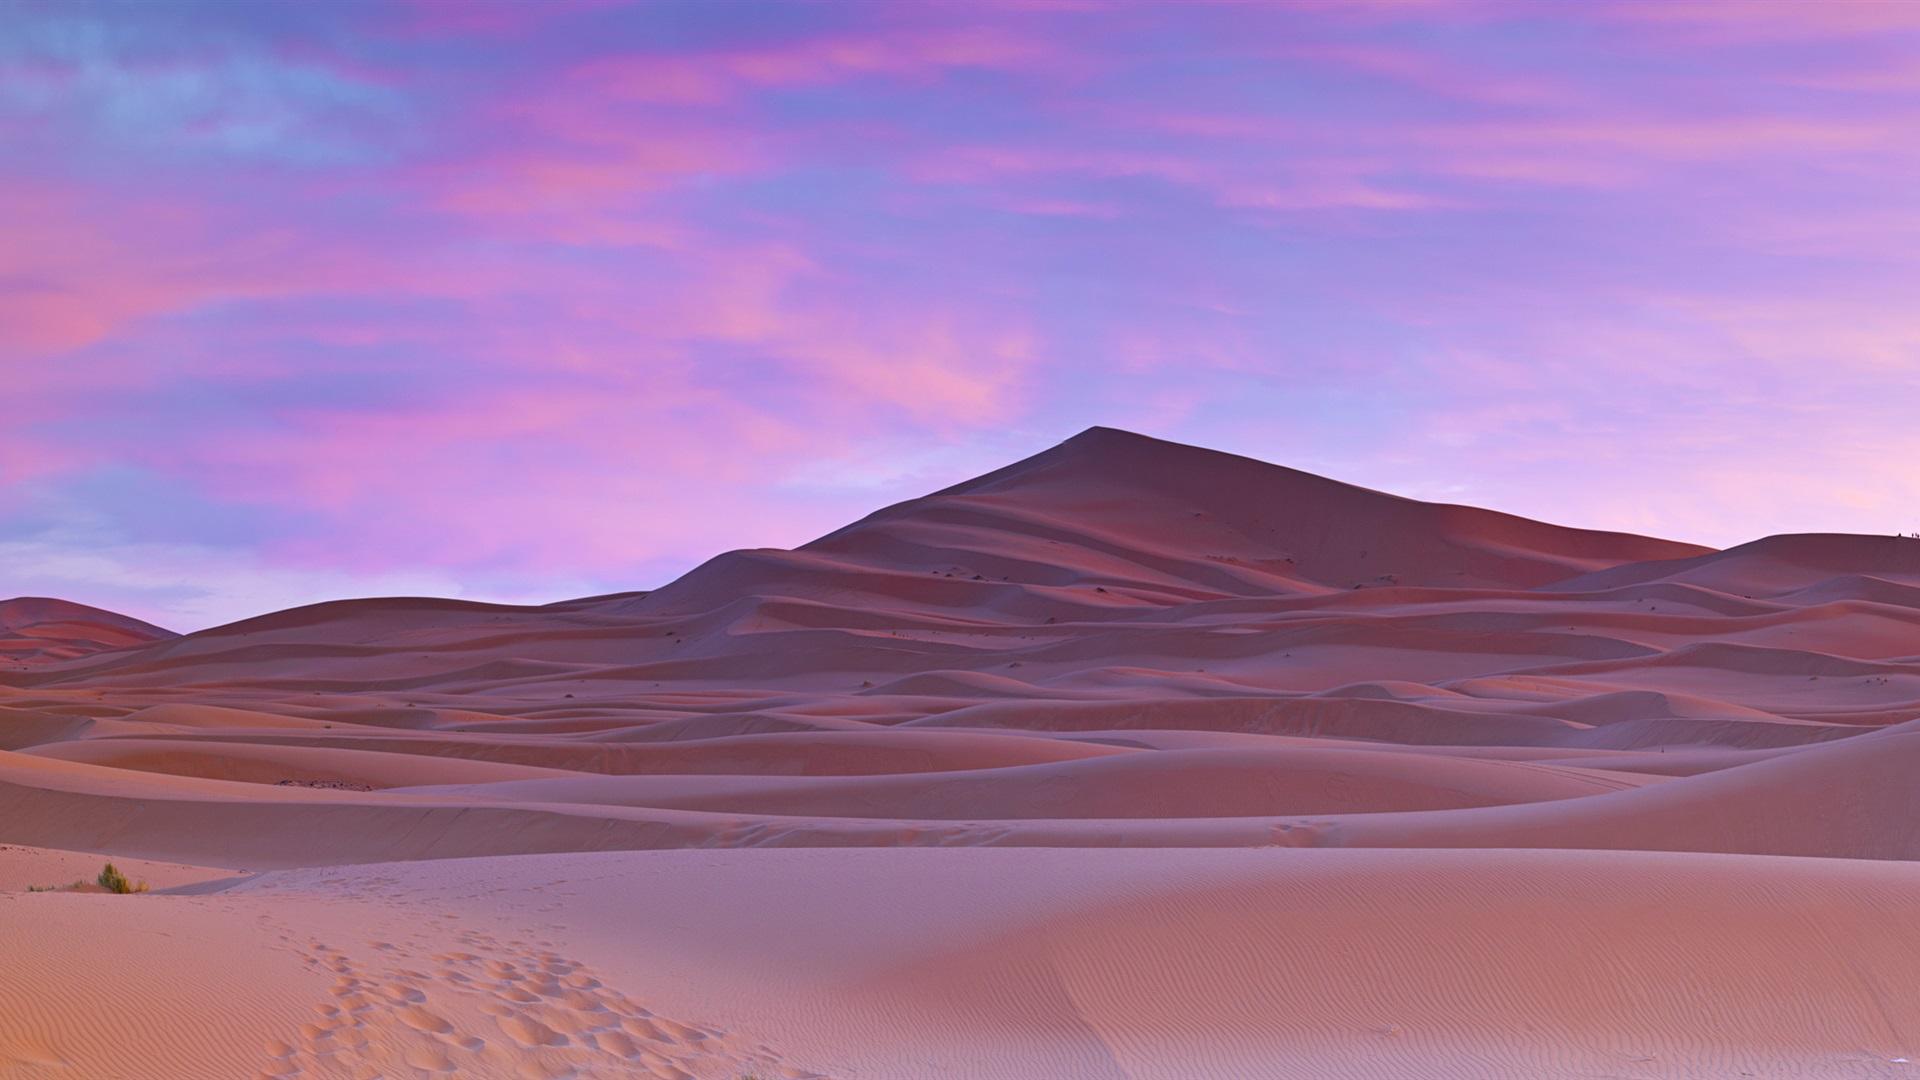 ... del Sahara, palmeras, Marruecos Fondos de pantalla - 1920x1080 Full HD